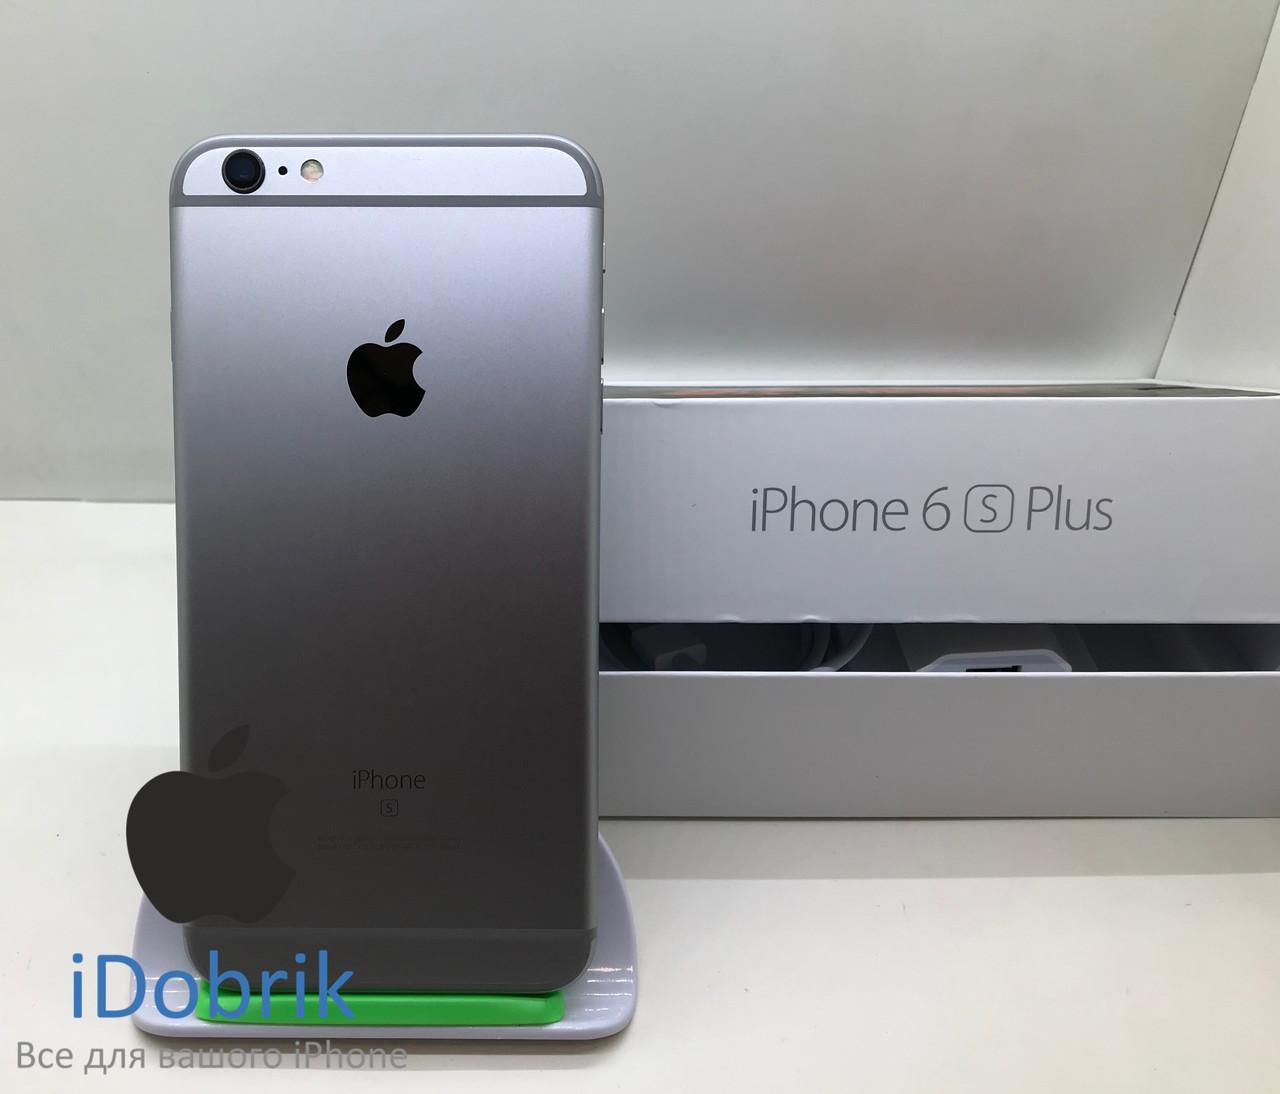 Б/У iPhone 6s Plus 32gb Space Gray Neverlock 10/10